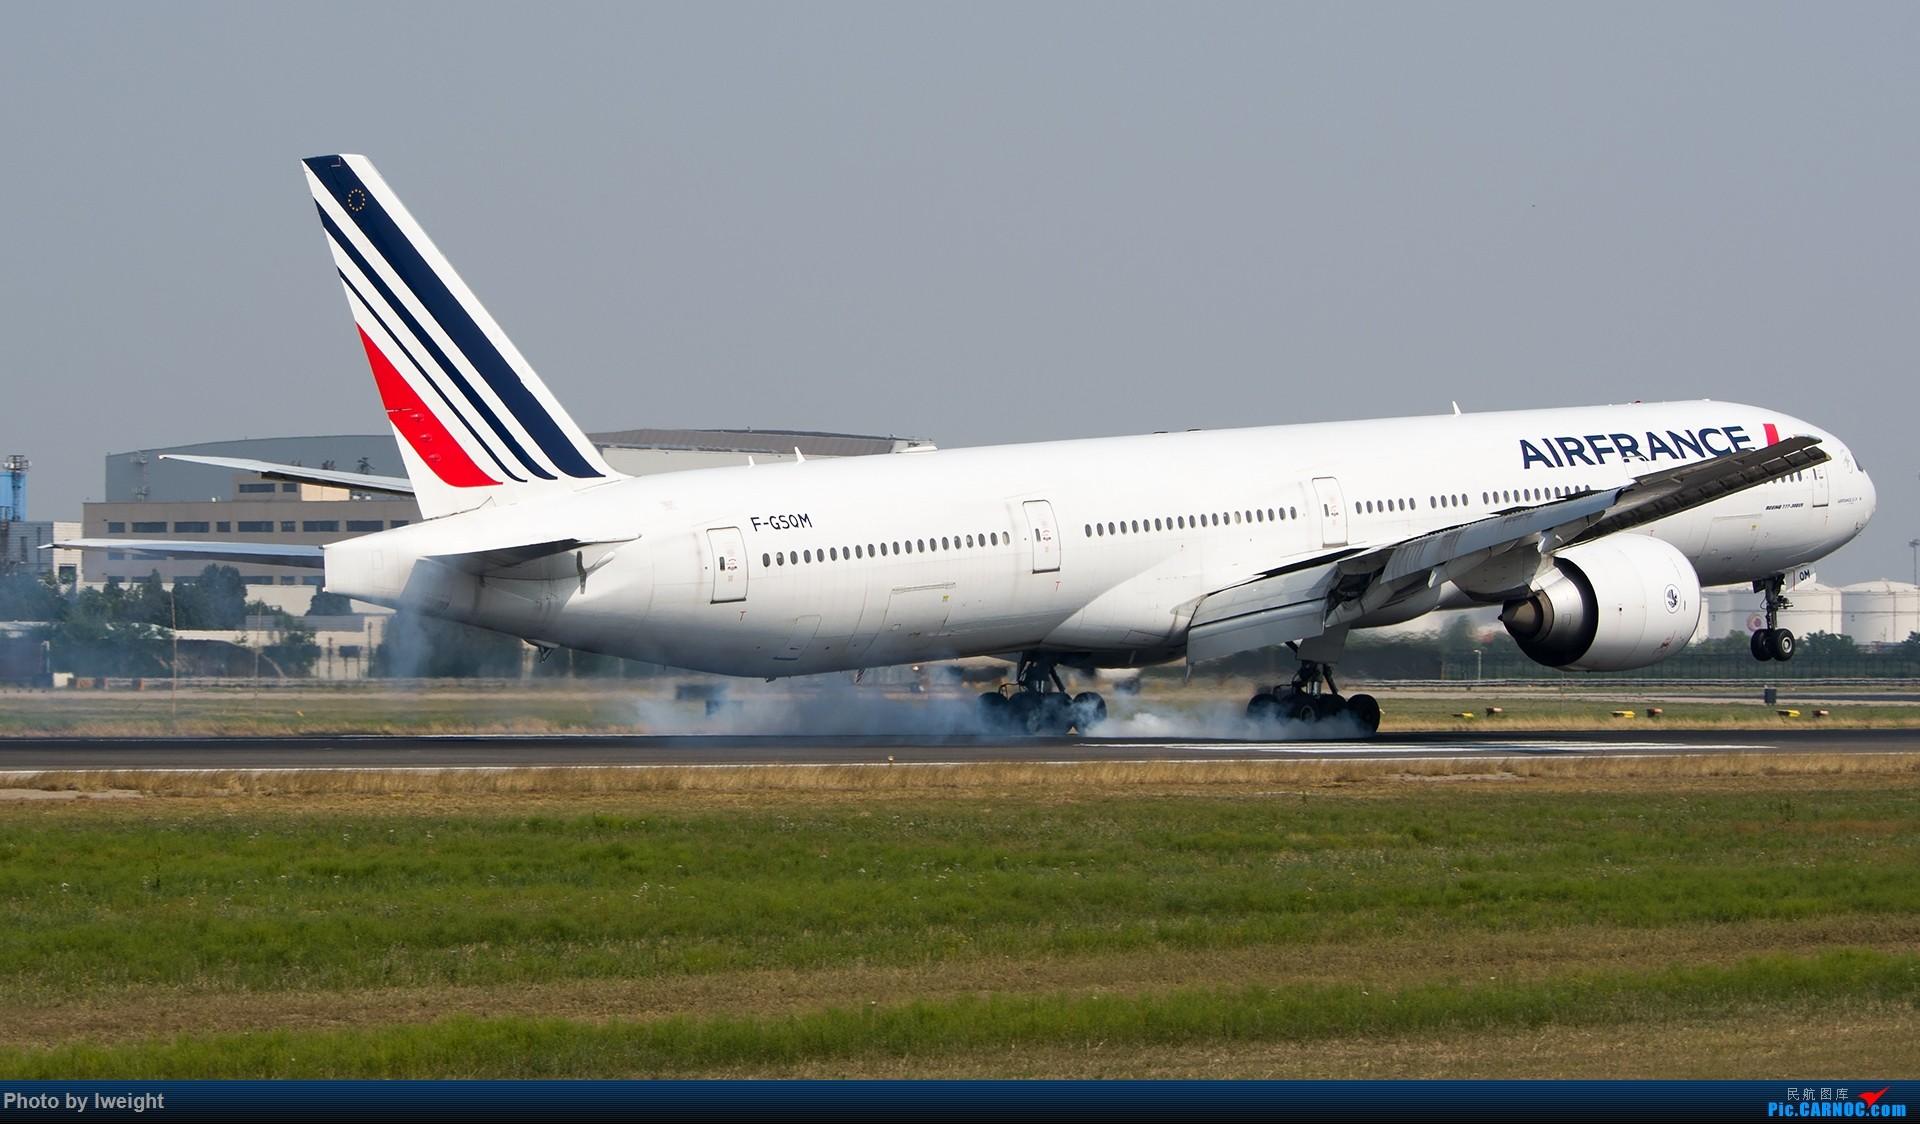 Re:[原创]周末帝都霾天拍机,凑合看看吧【2015-5-23】 BOEING 777-300ER F-GSQM 中国北京首都国际机场